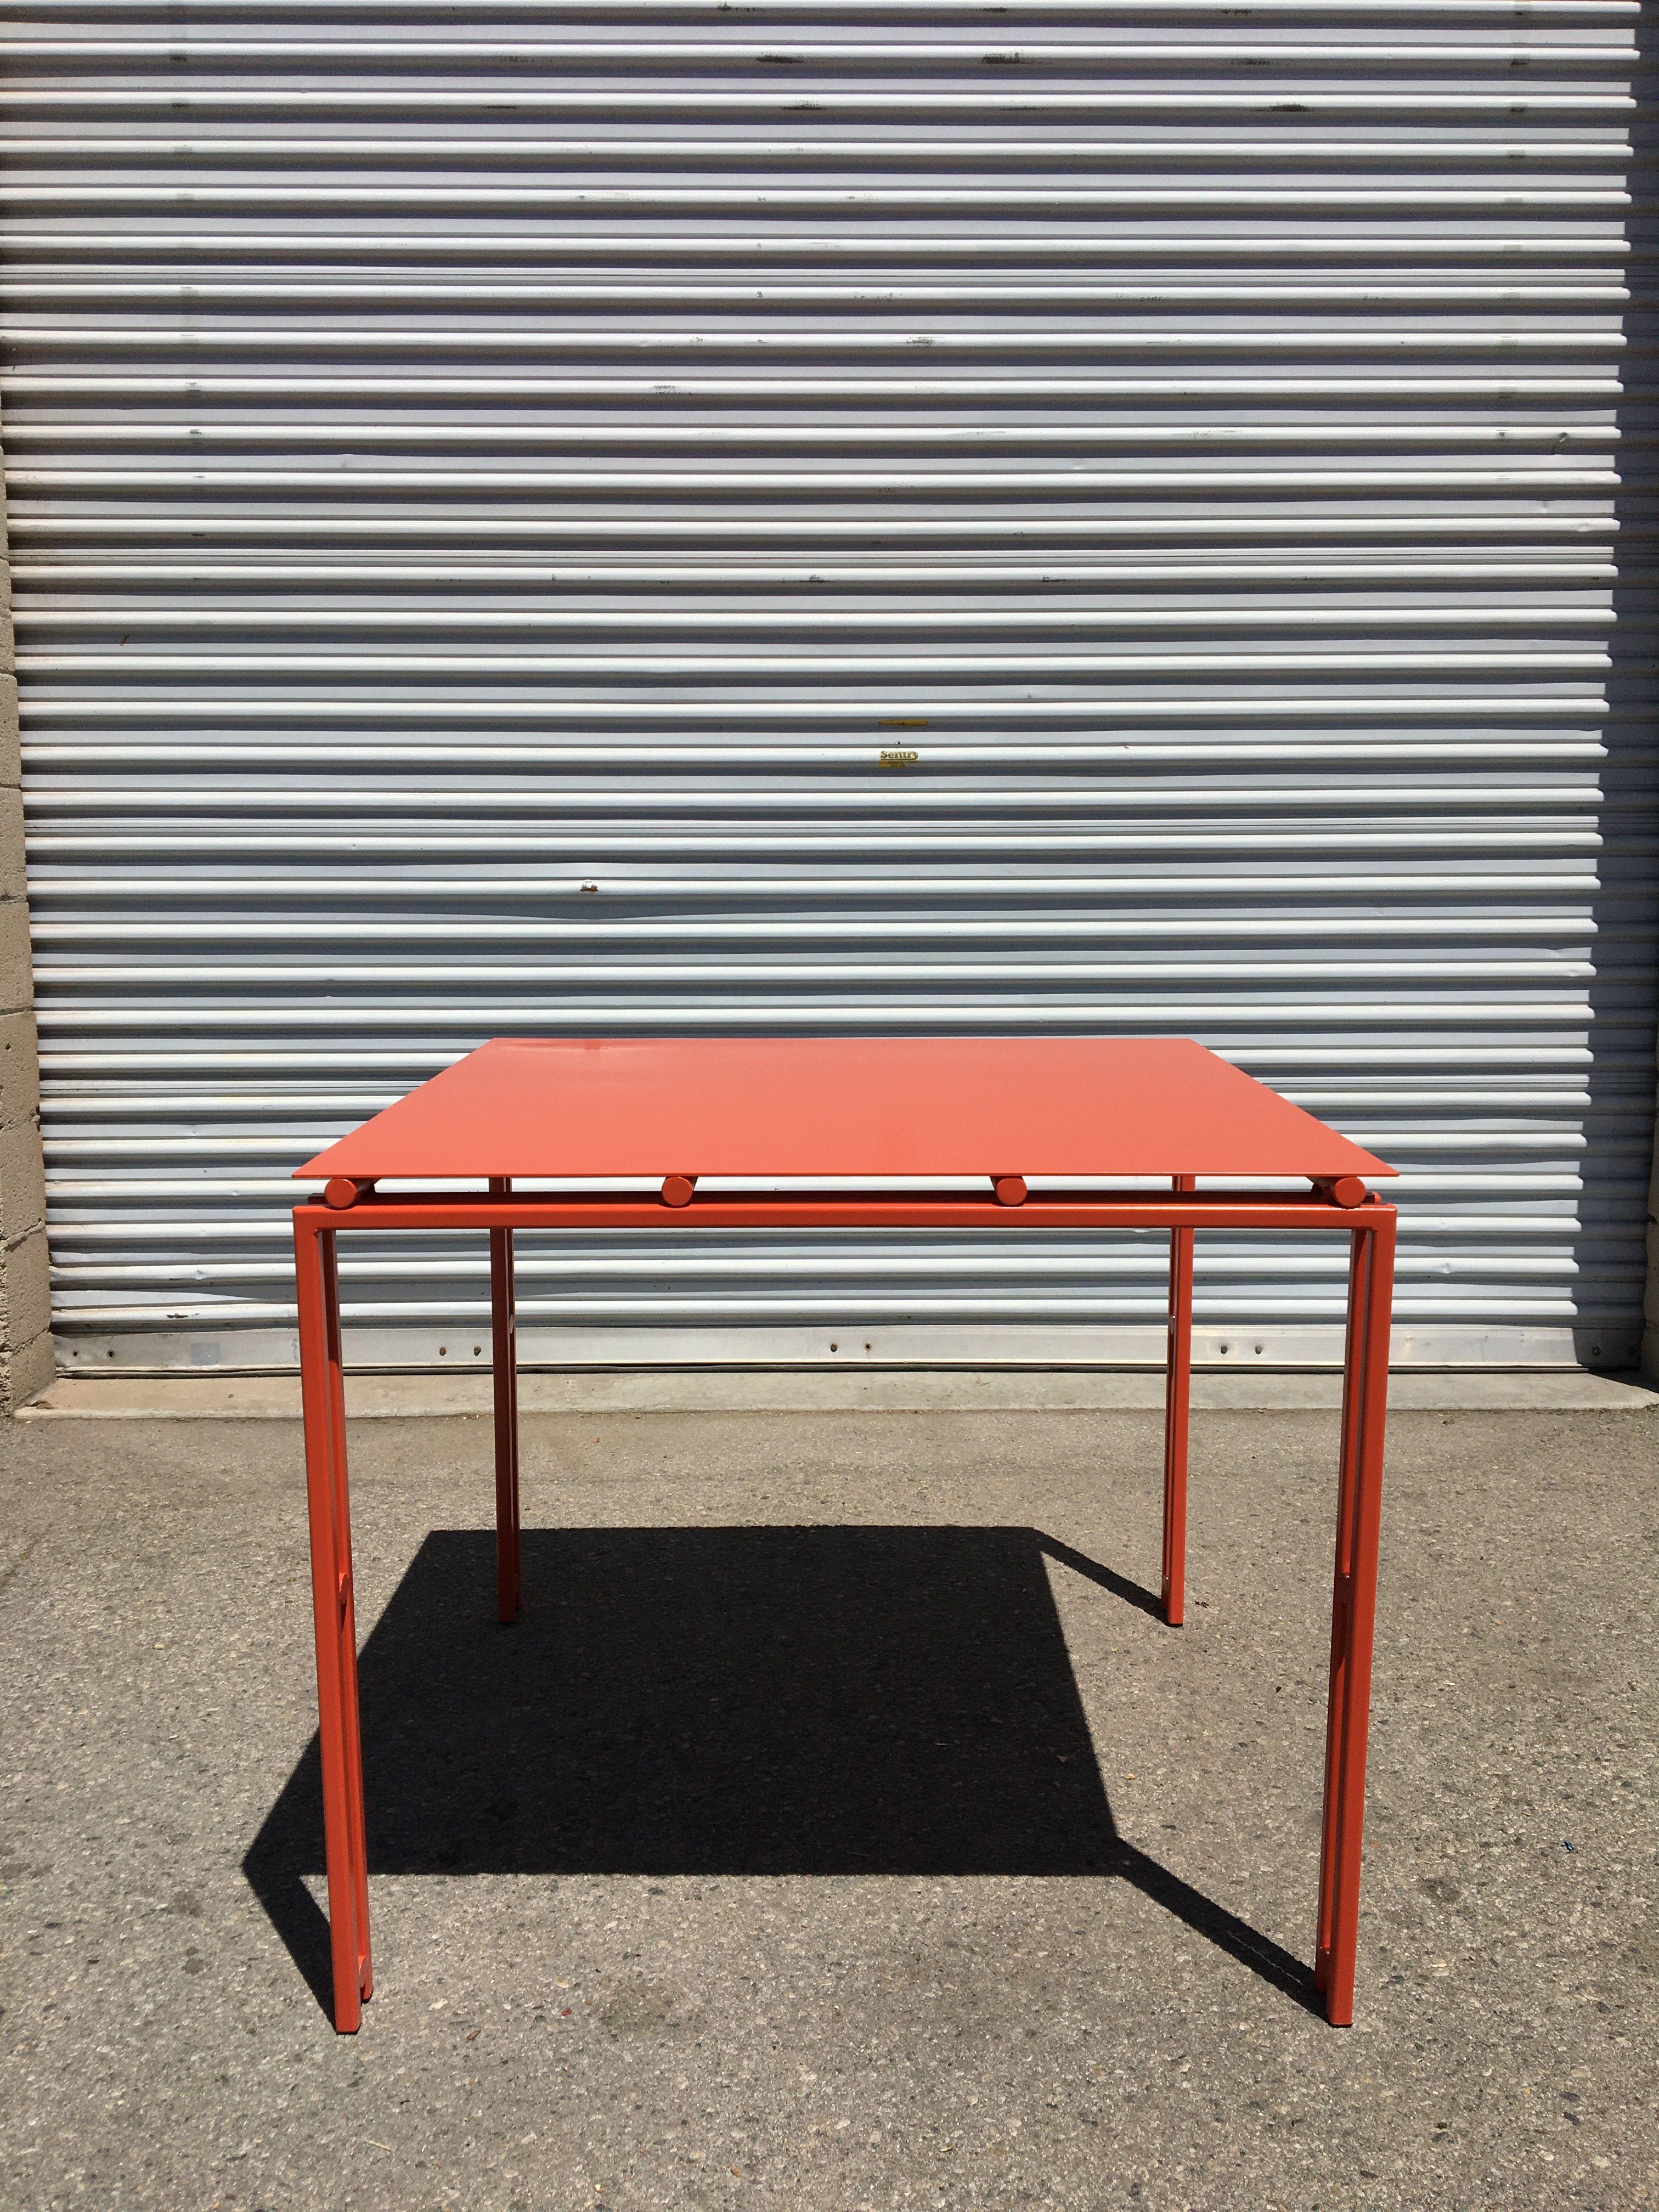 Suspension Metal Set - SIZED LA product image 9